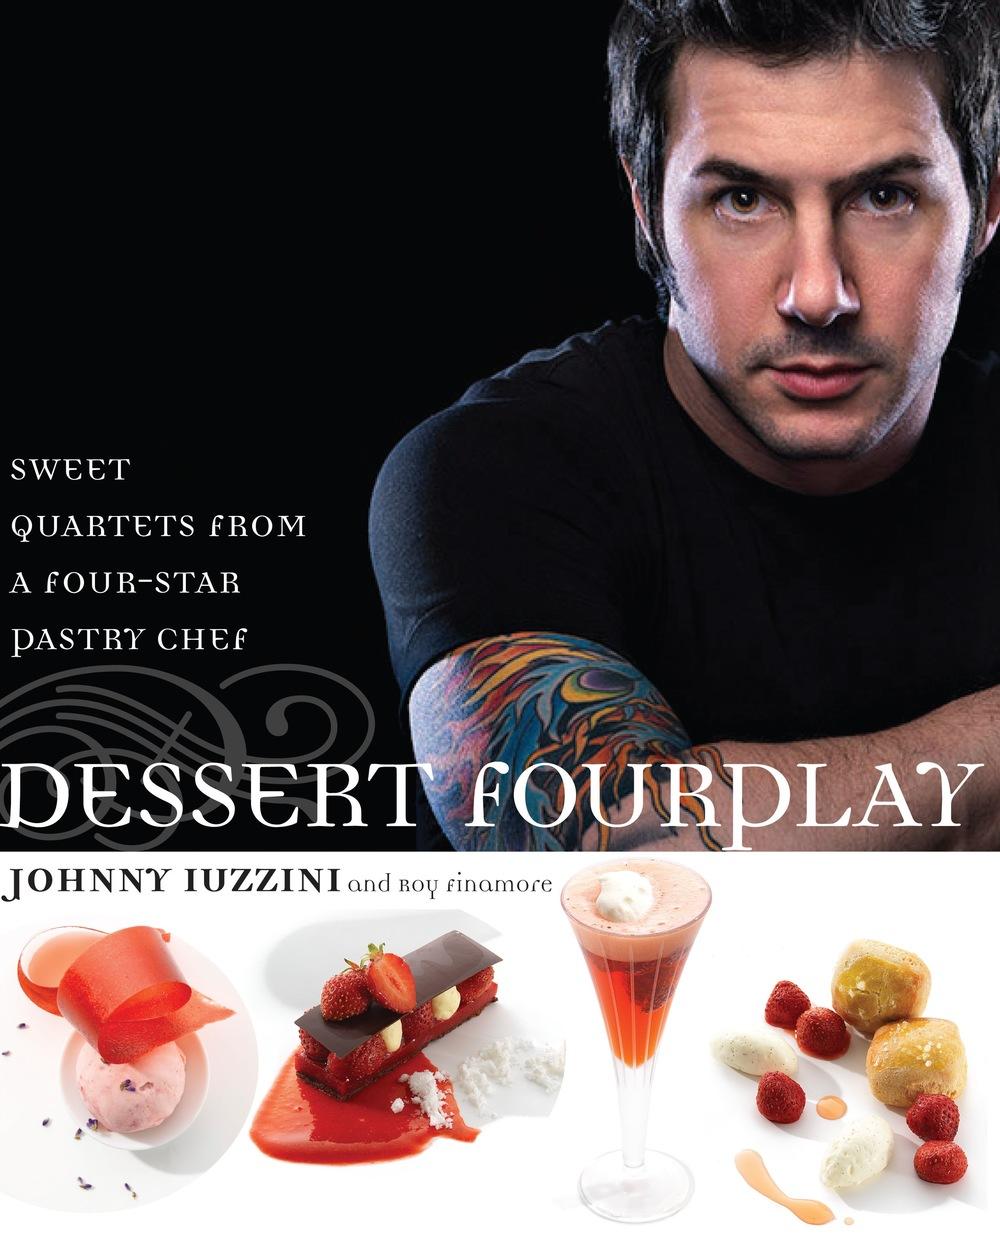 DessertFourplay.jpg